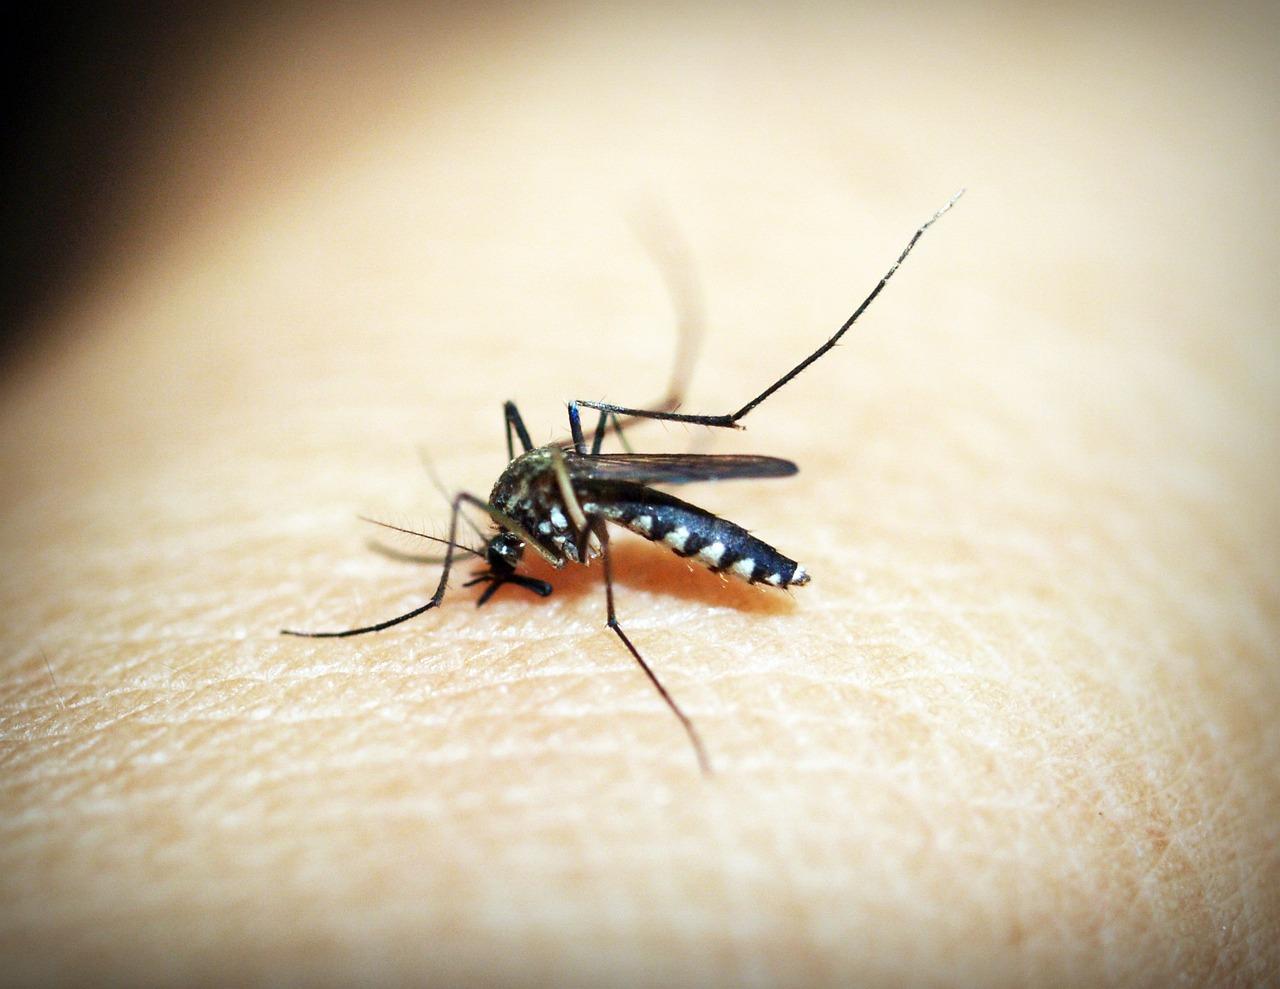 Лечение от укуса пчелы в домашних условиях